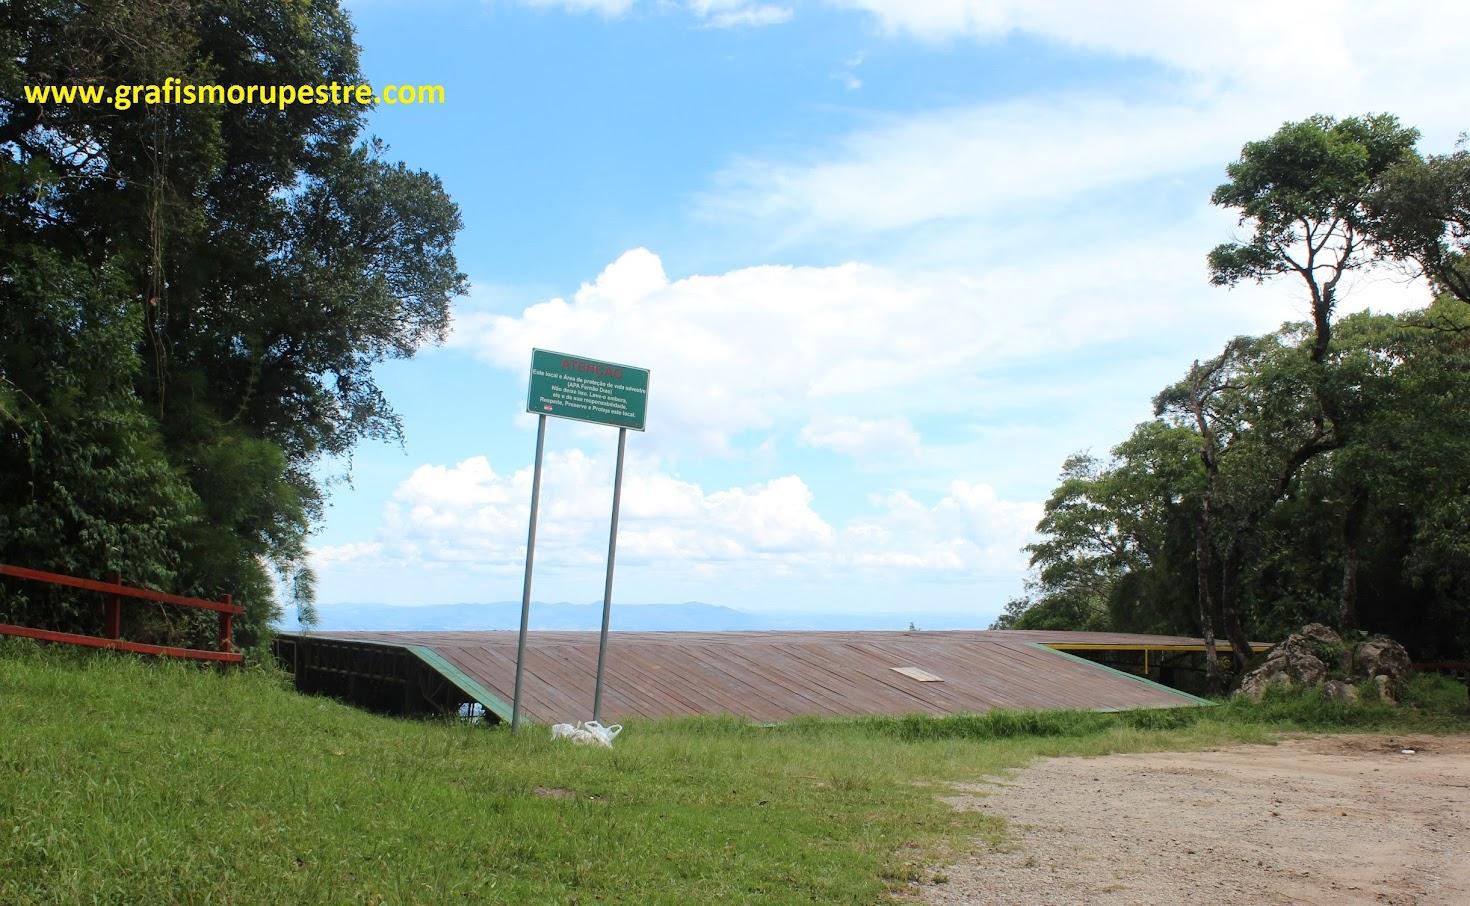 Rampa para saltos de Asa Delta para o lado de Joanópolis.